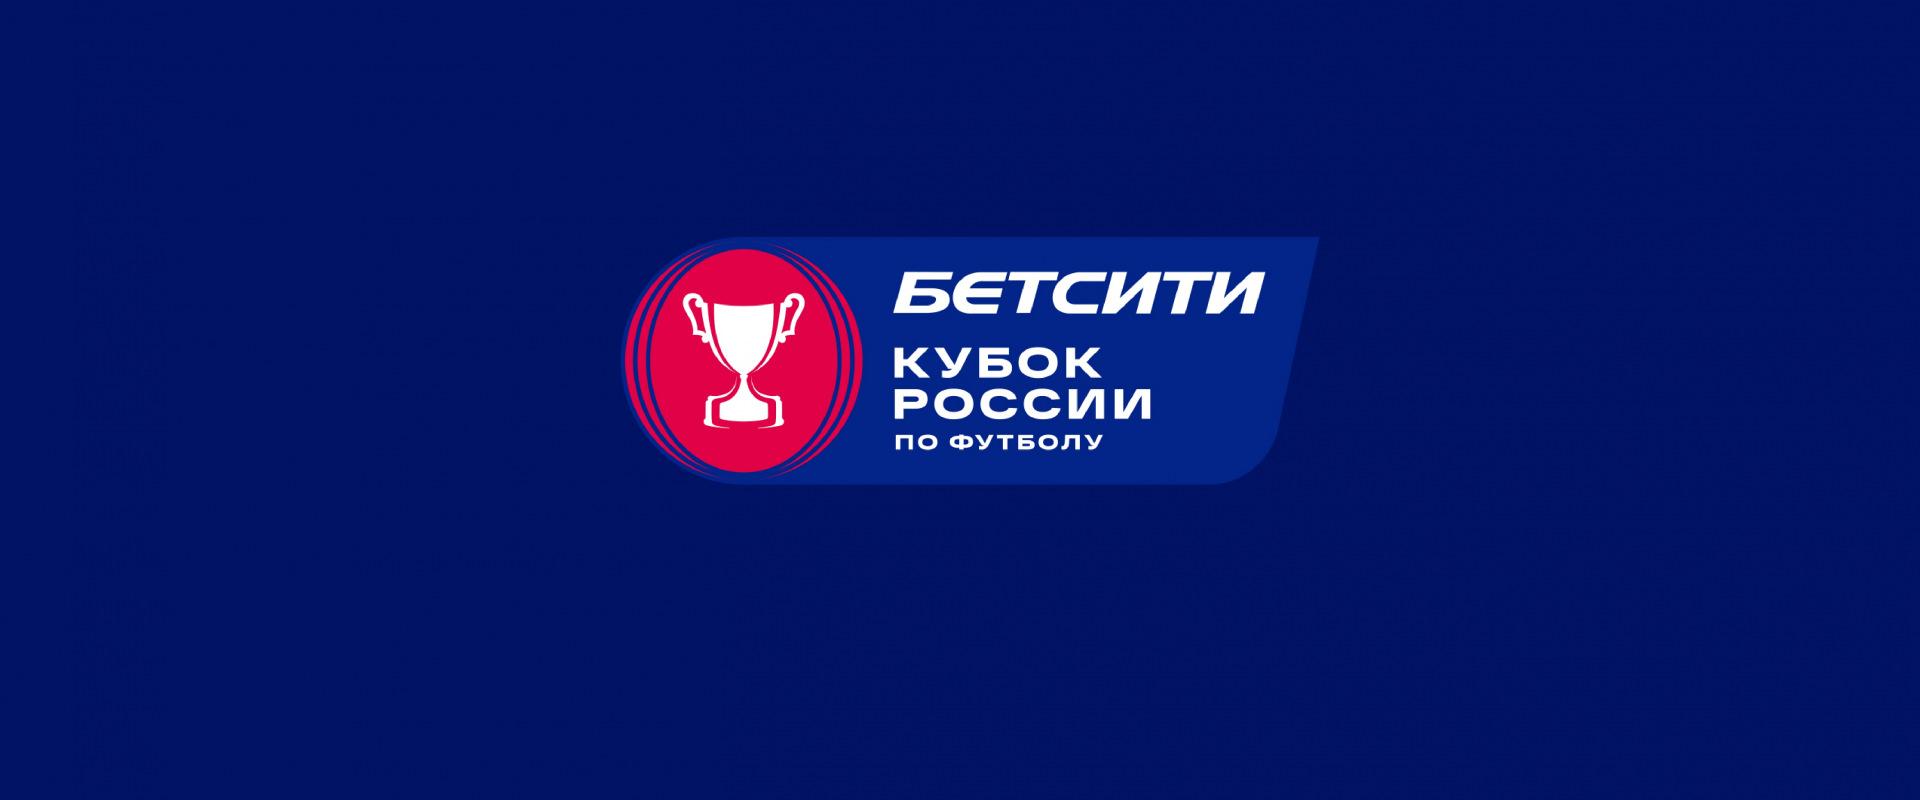 Кубок россии онлайн бетсити прогноз ставок по теннису